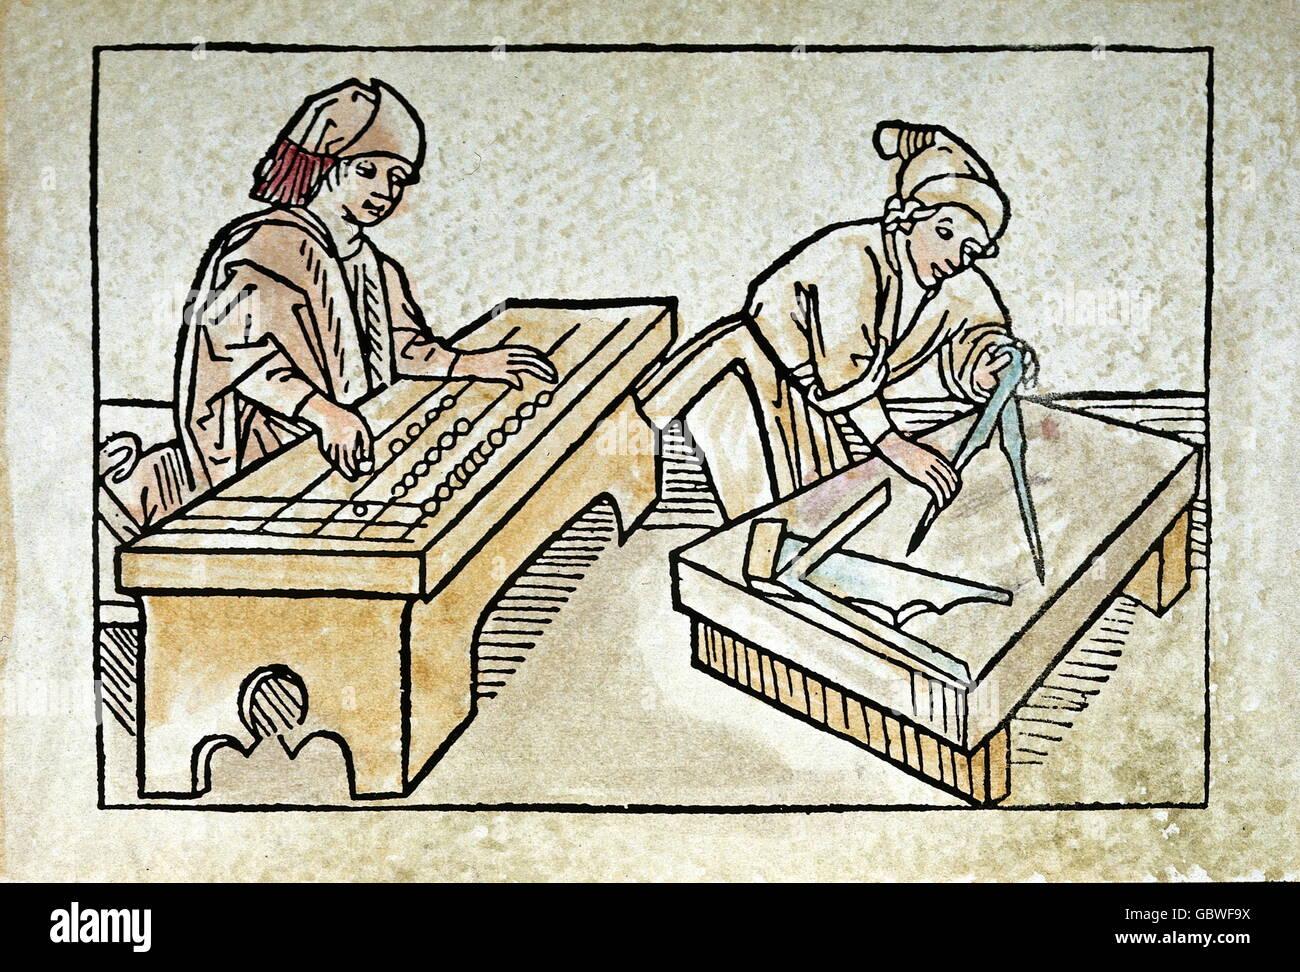 Menschen, Berufe, Baumeister mit Abacus und Steinmetz bei der Arbeit, Holzschnitt, farbig, von Rodericus (Sancius Stockbild